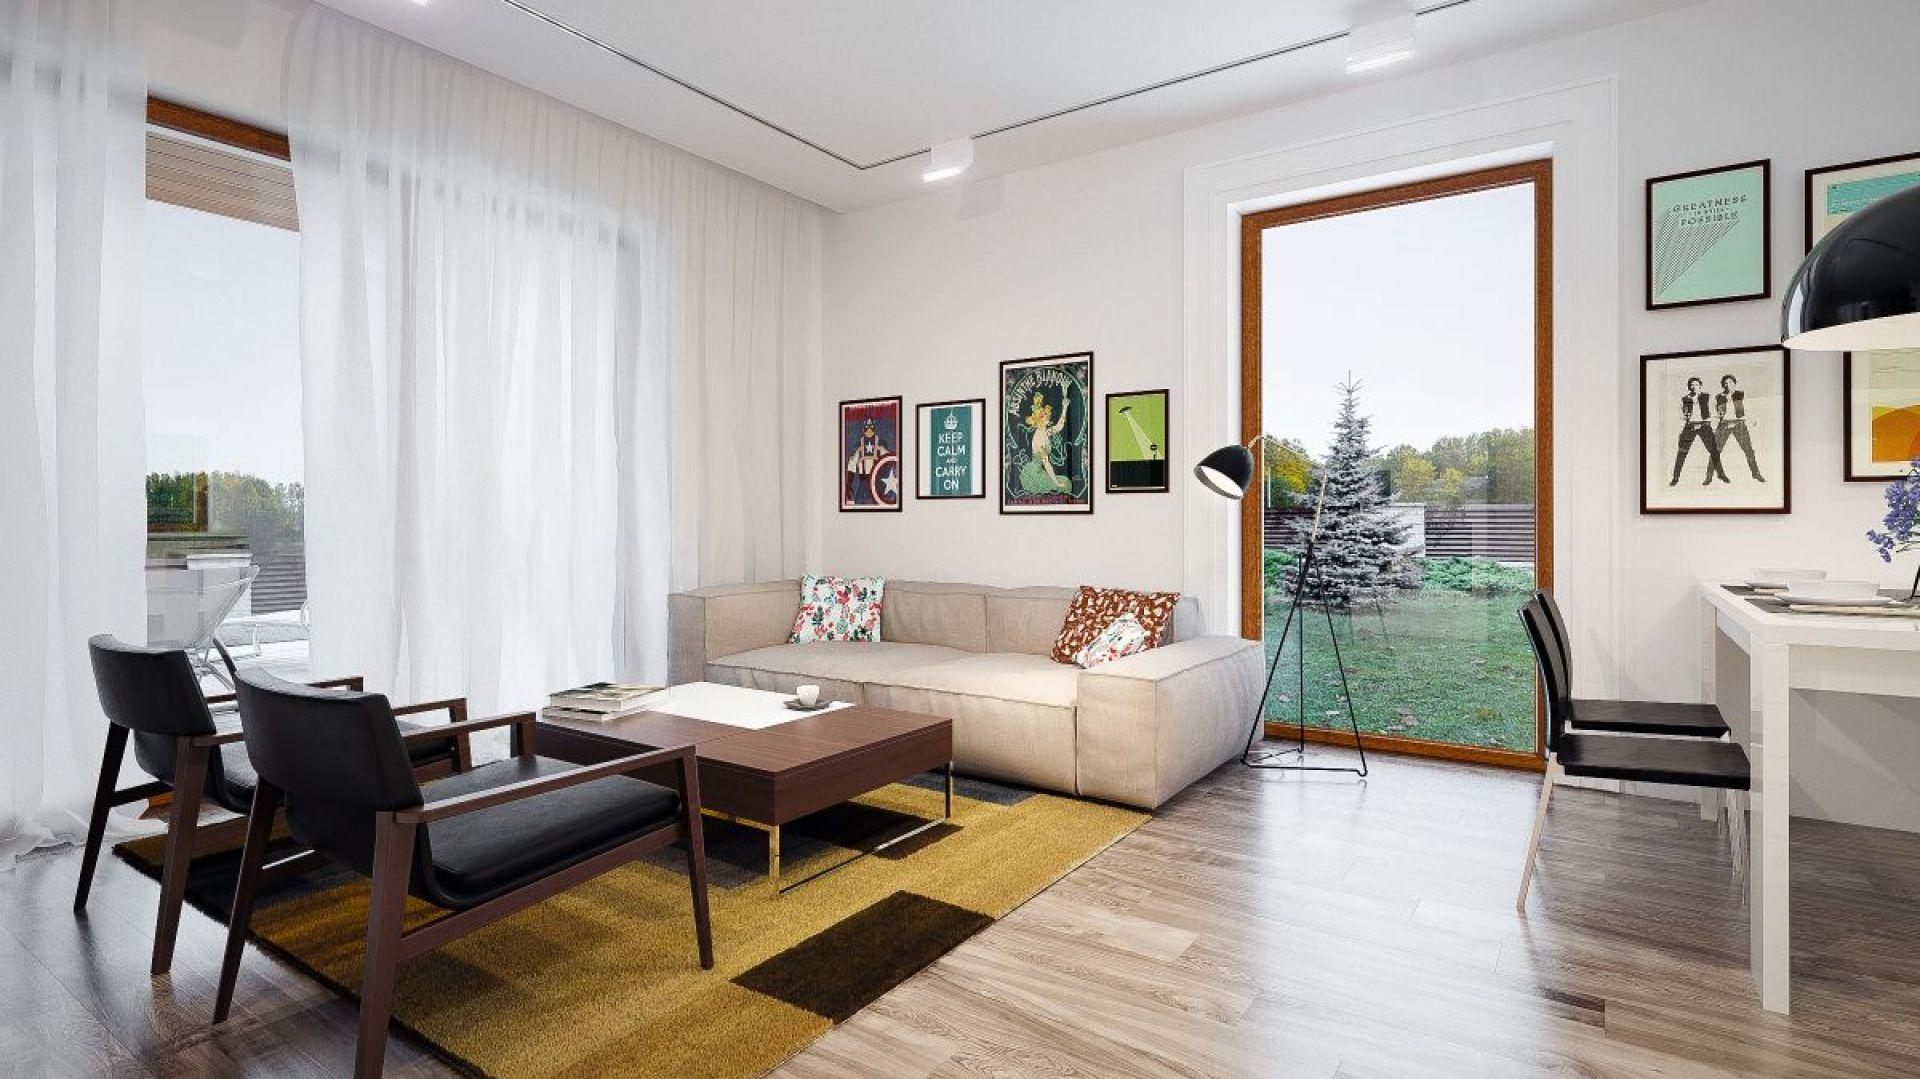 Salon urządzony jest z dużym smakiem. Białe ściany dobrze komponują się z naturalnym drewnem na podłodze. Całość zdobią modne, kolorowe grafiki i nowoczesne meble. Fot. Archetyp